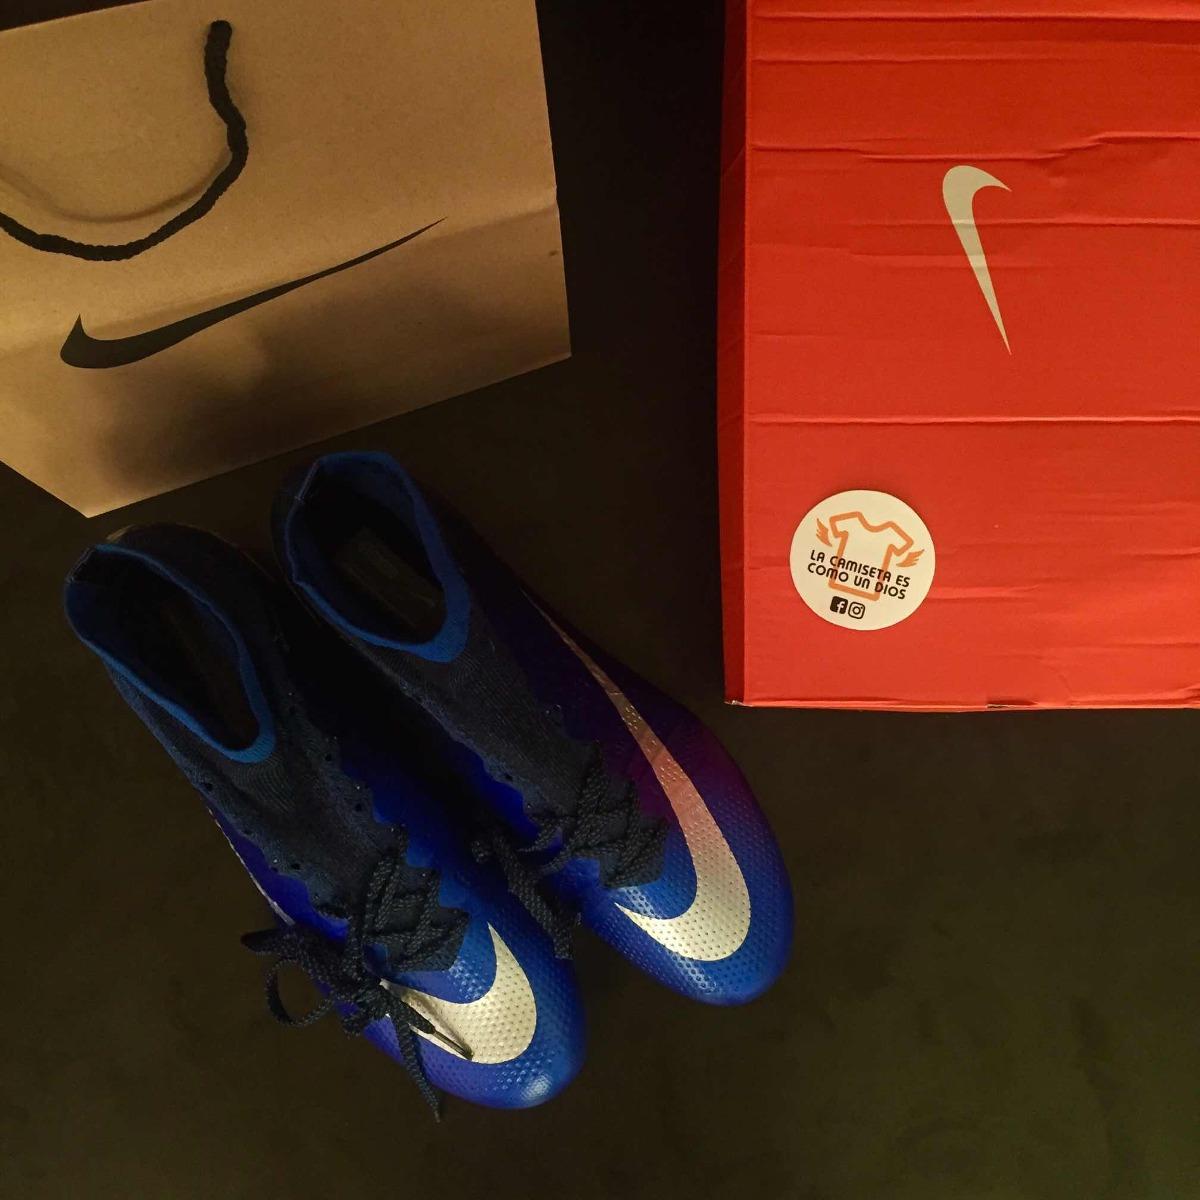 Zapato Fútbol - Nike Mercurial Superfly Cr7 Deep Blue -   54.990 en ... f854a06f232ee